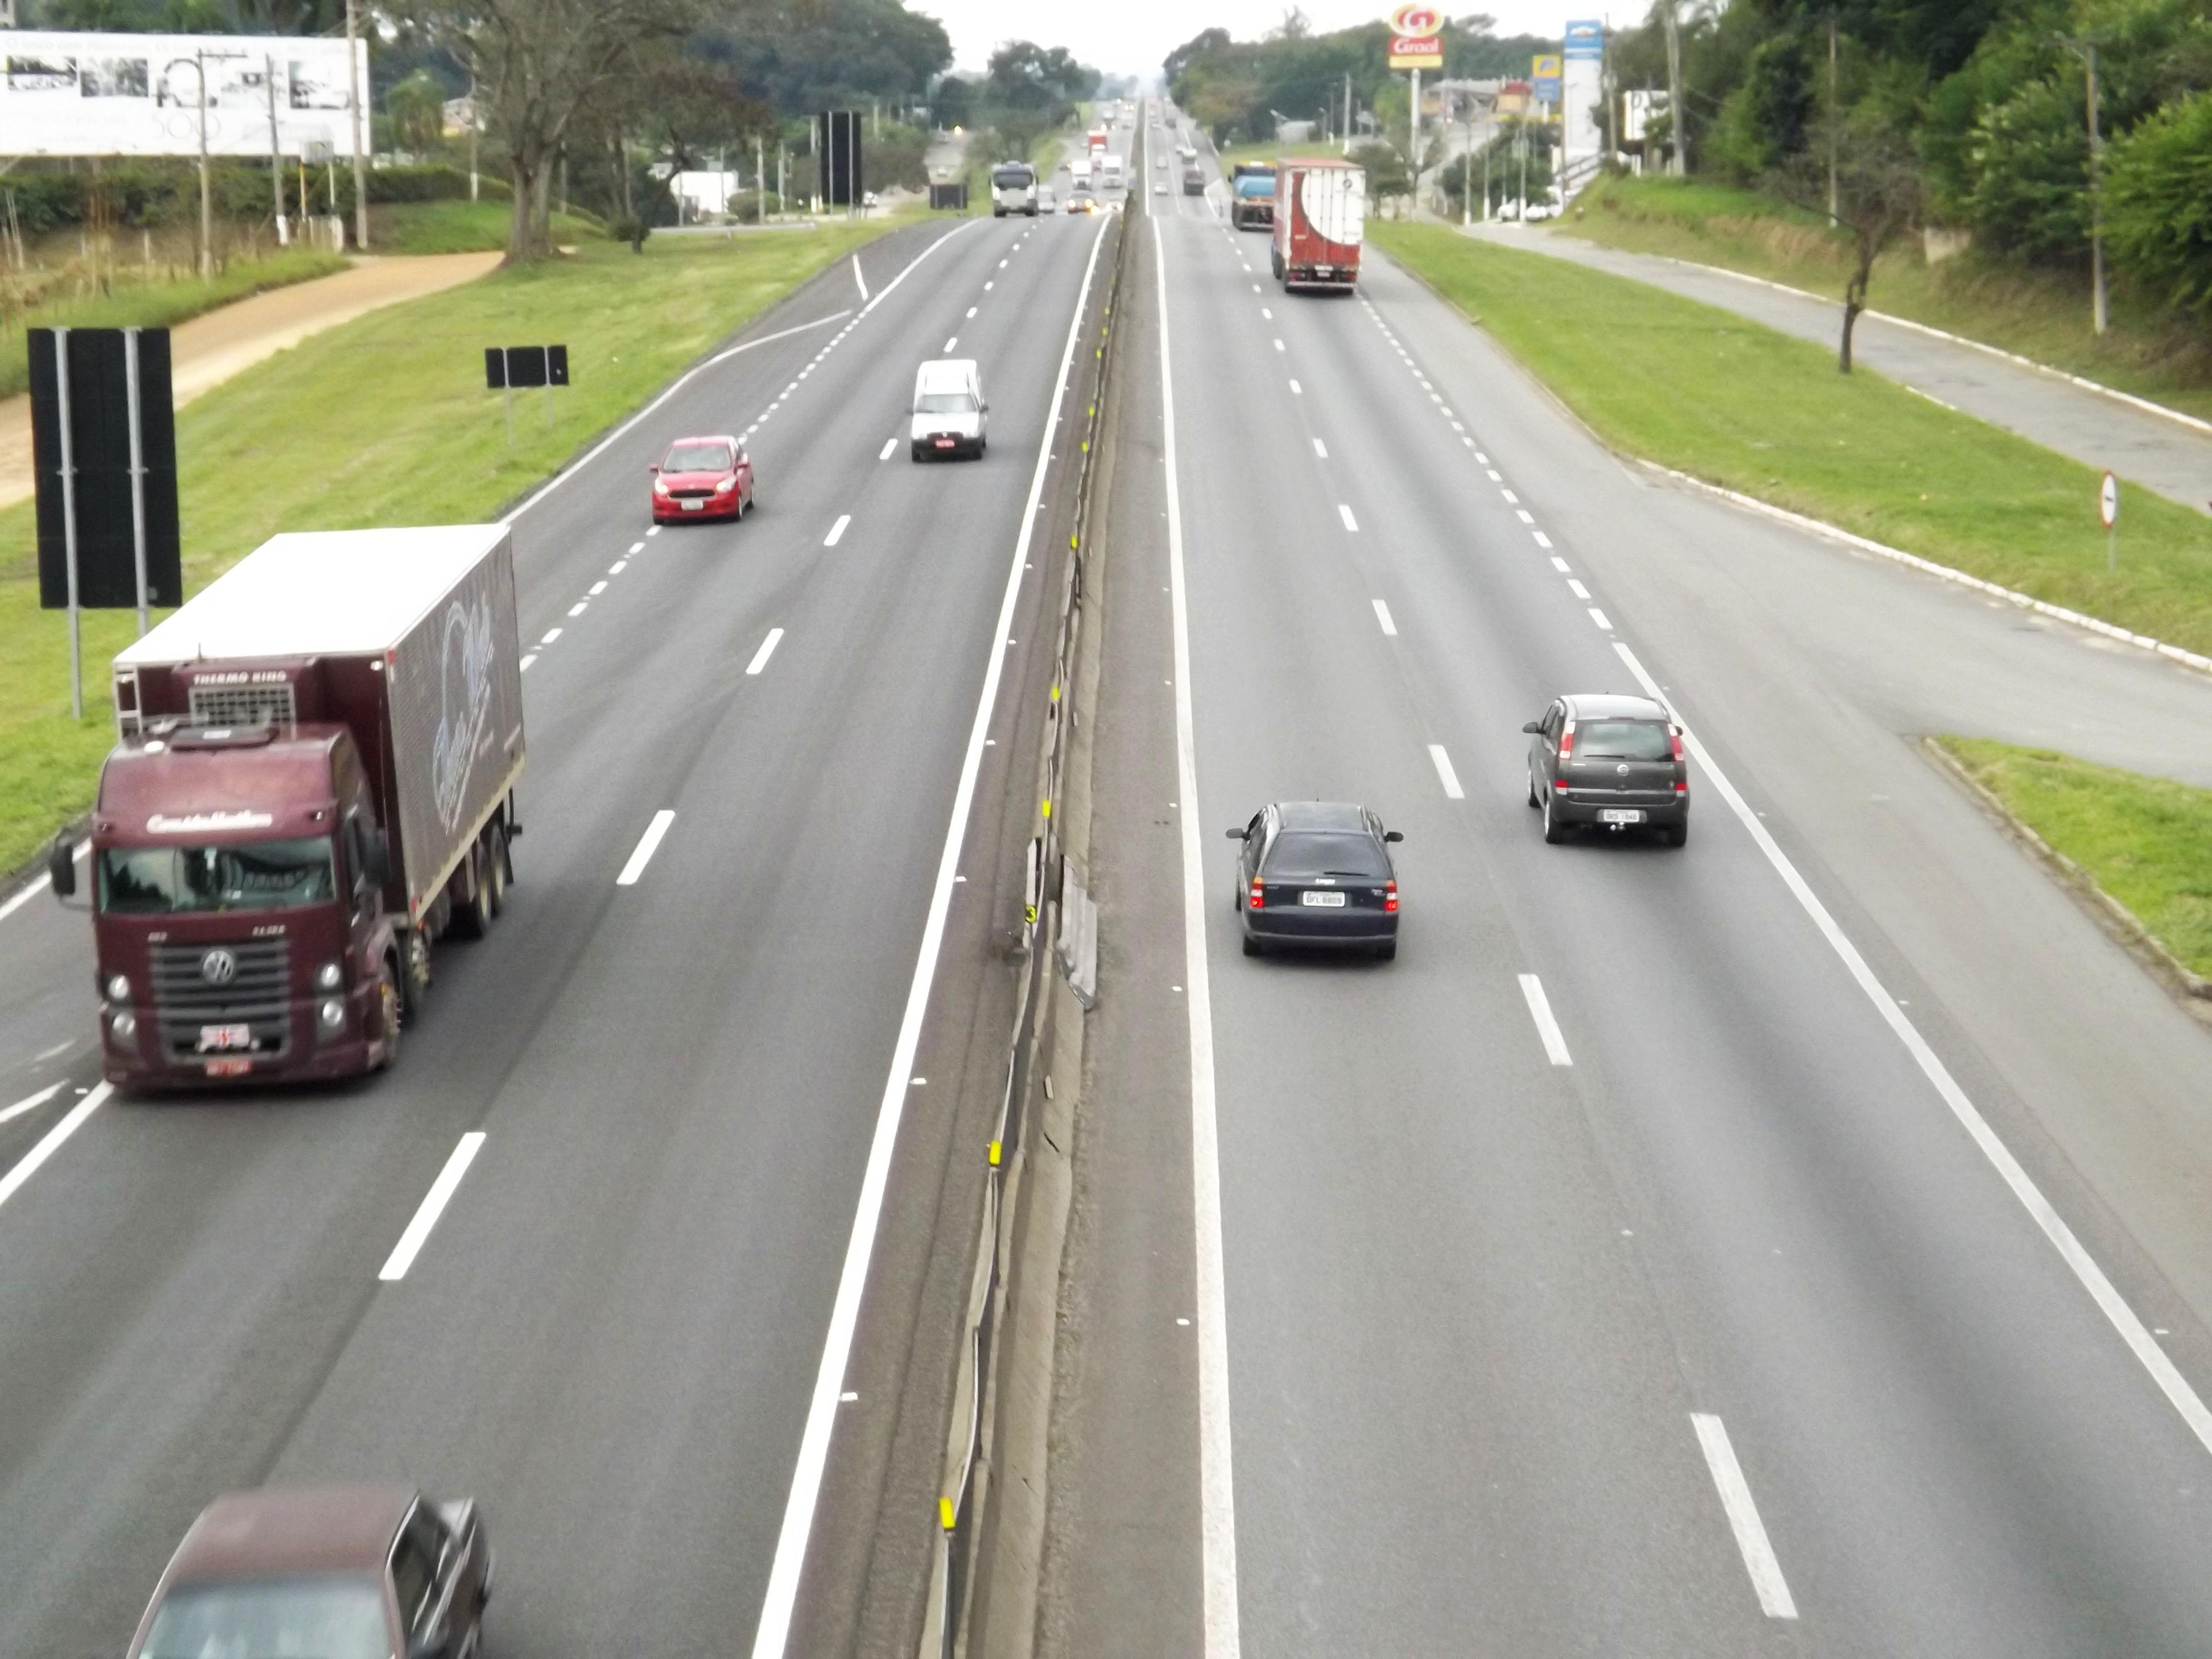 Rodovia Presidente Dutra deve receber maior fluxo de veículos a partir da tarde desta sexta-feira devido ao feriado do Dia do Trabalho